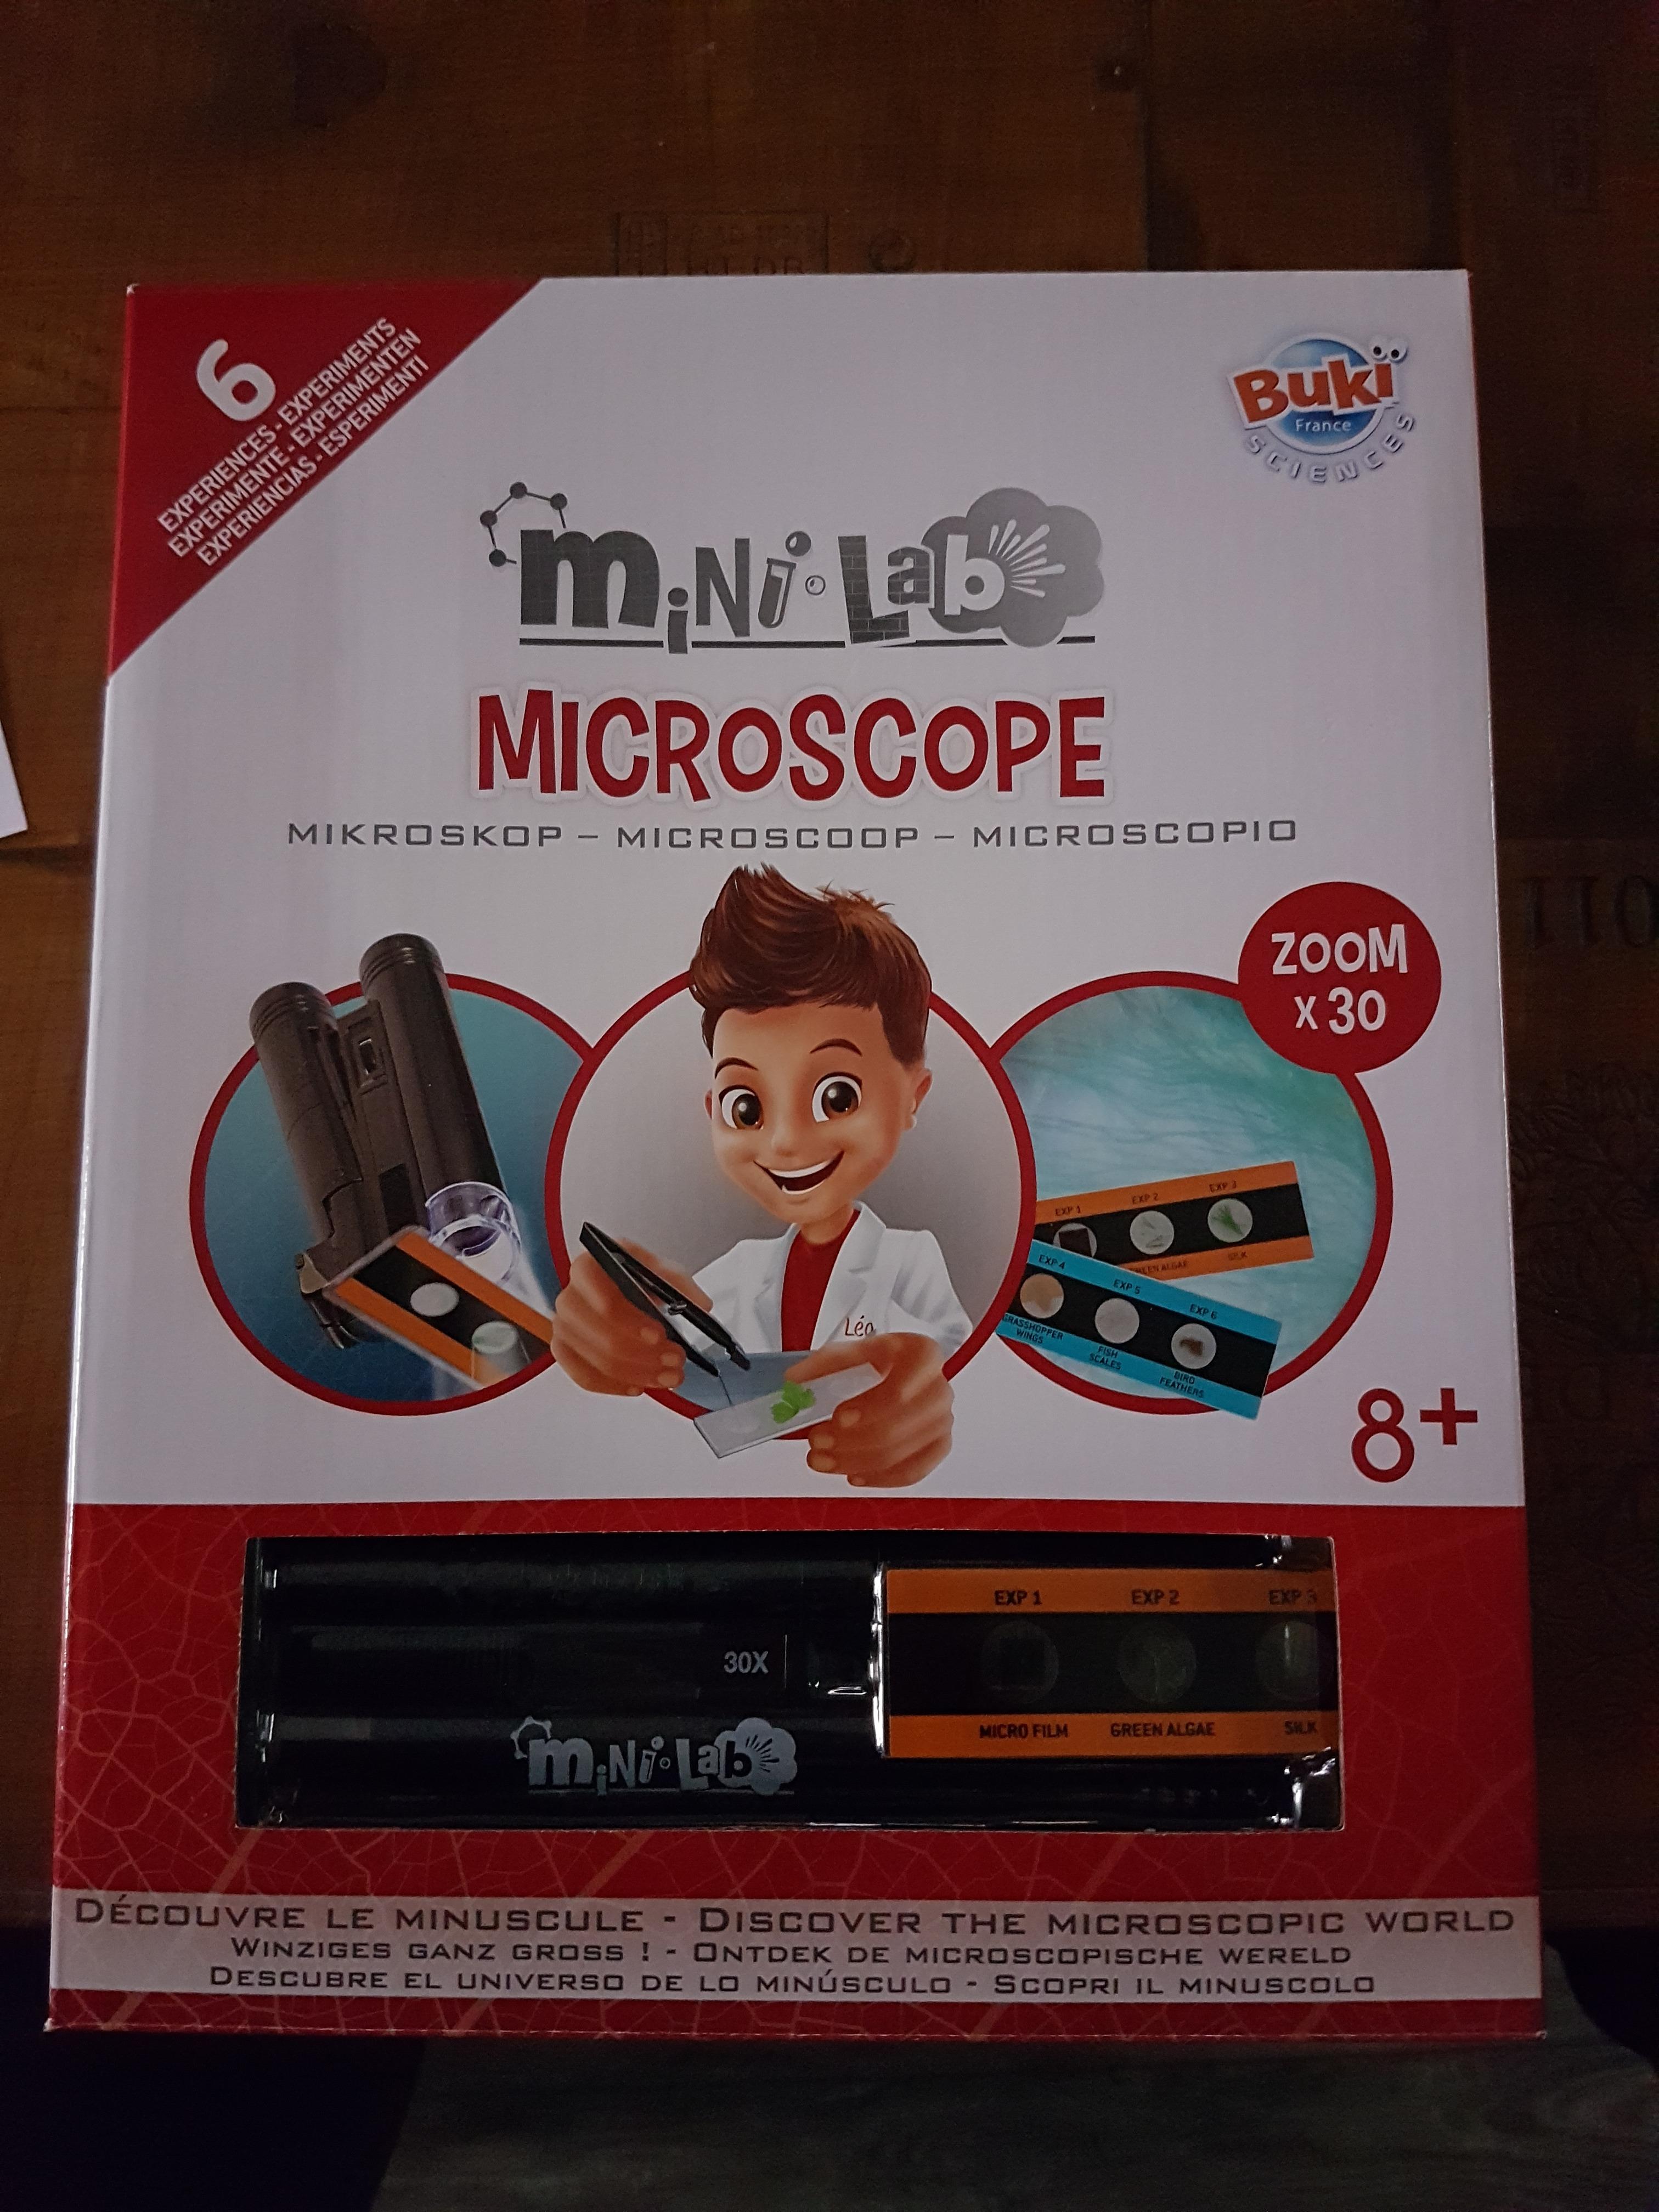 J'ai testé pour vous mini lab microscope